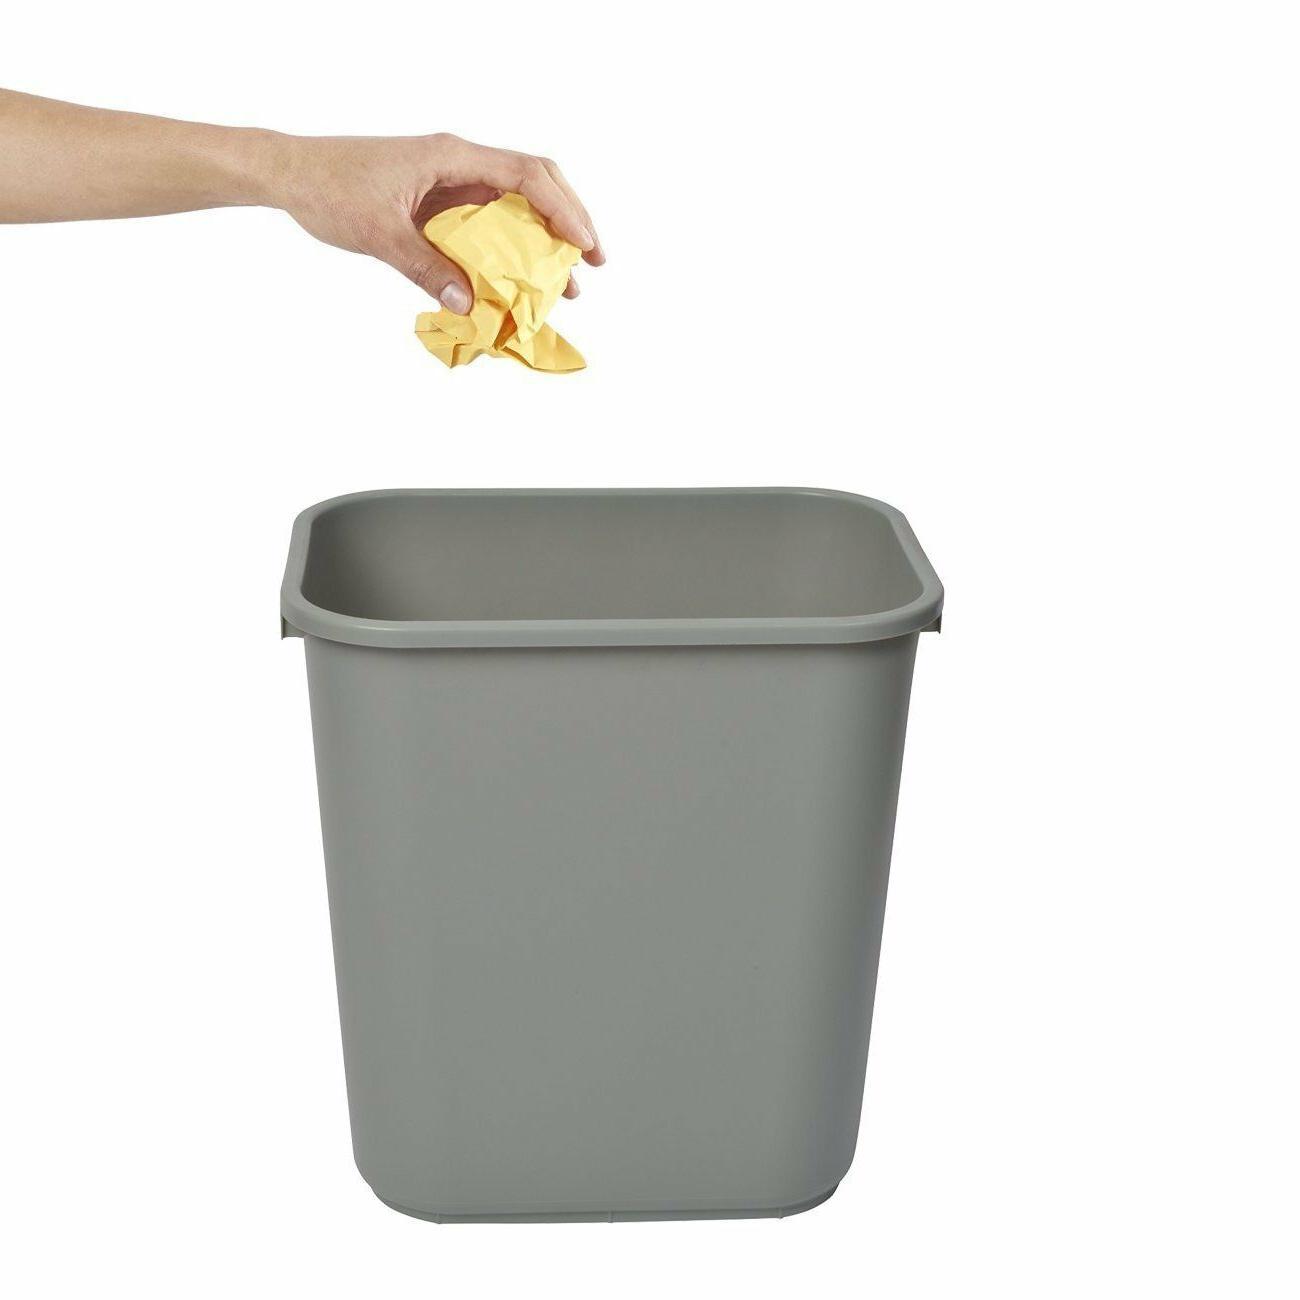 1037grey 41 quart rectangular wastebasket